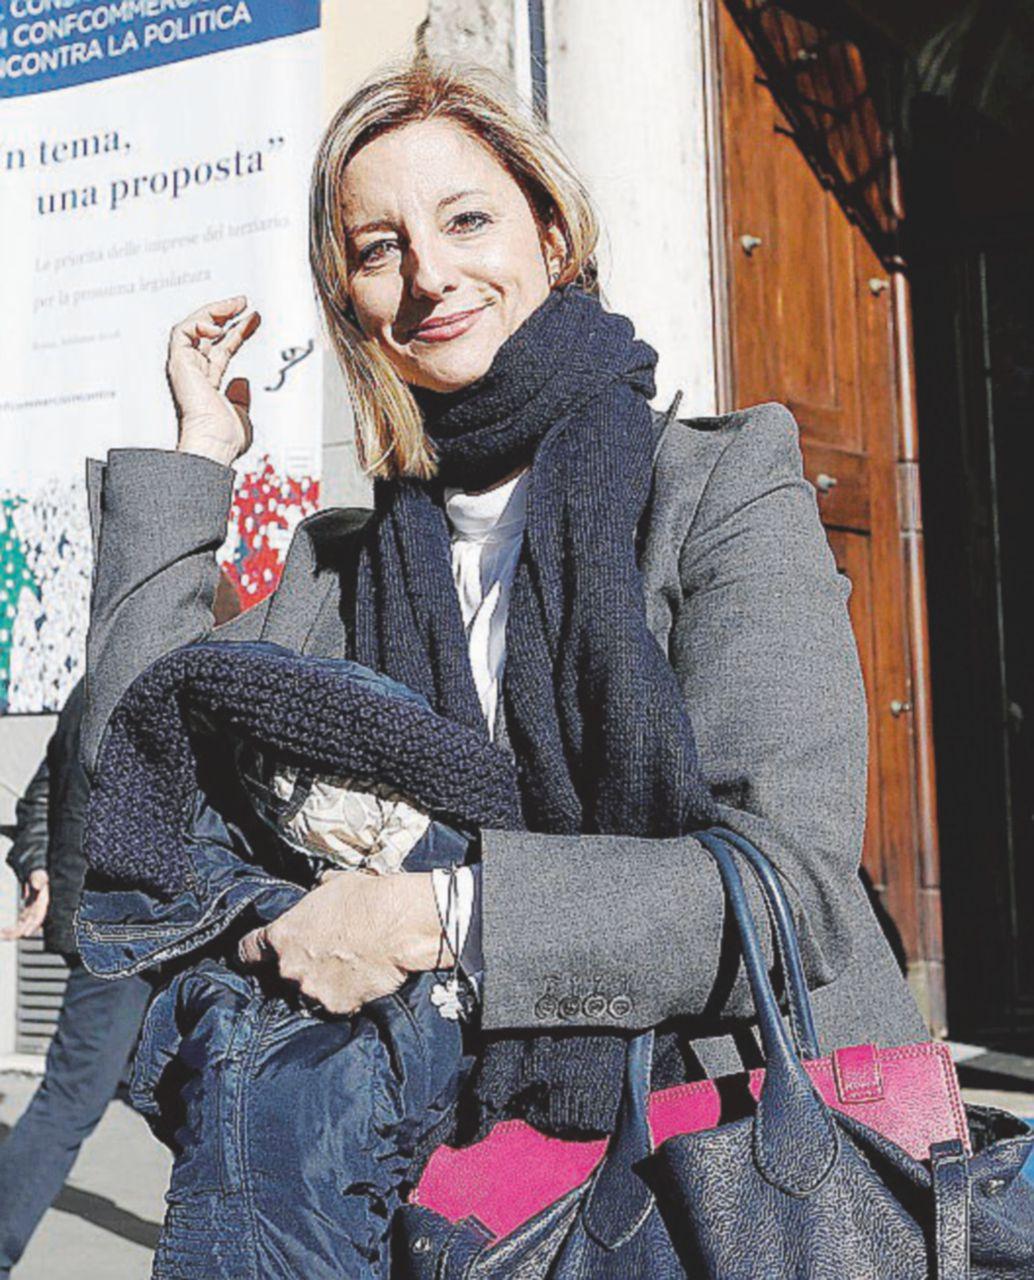 Laboratorio Lazio: temi e poltrone di peso, così Zingaretti governa già col Movimento